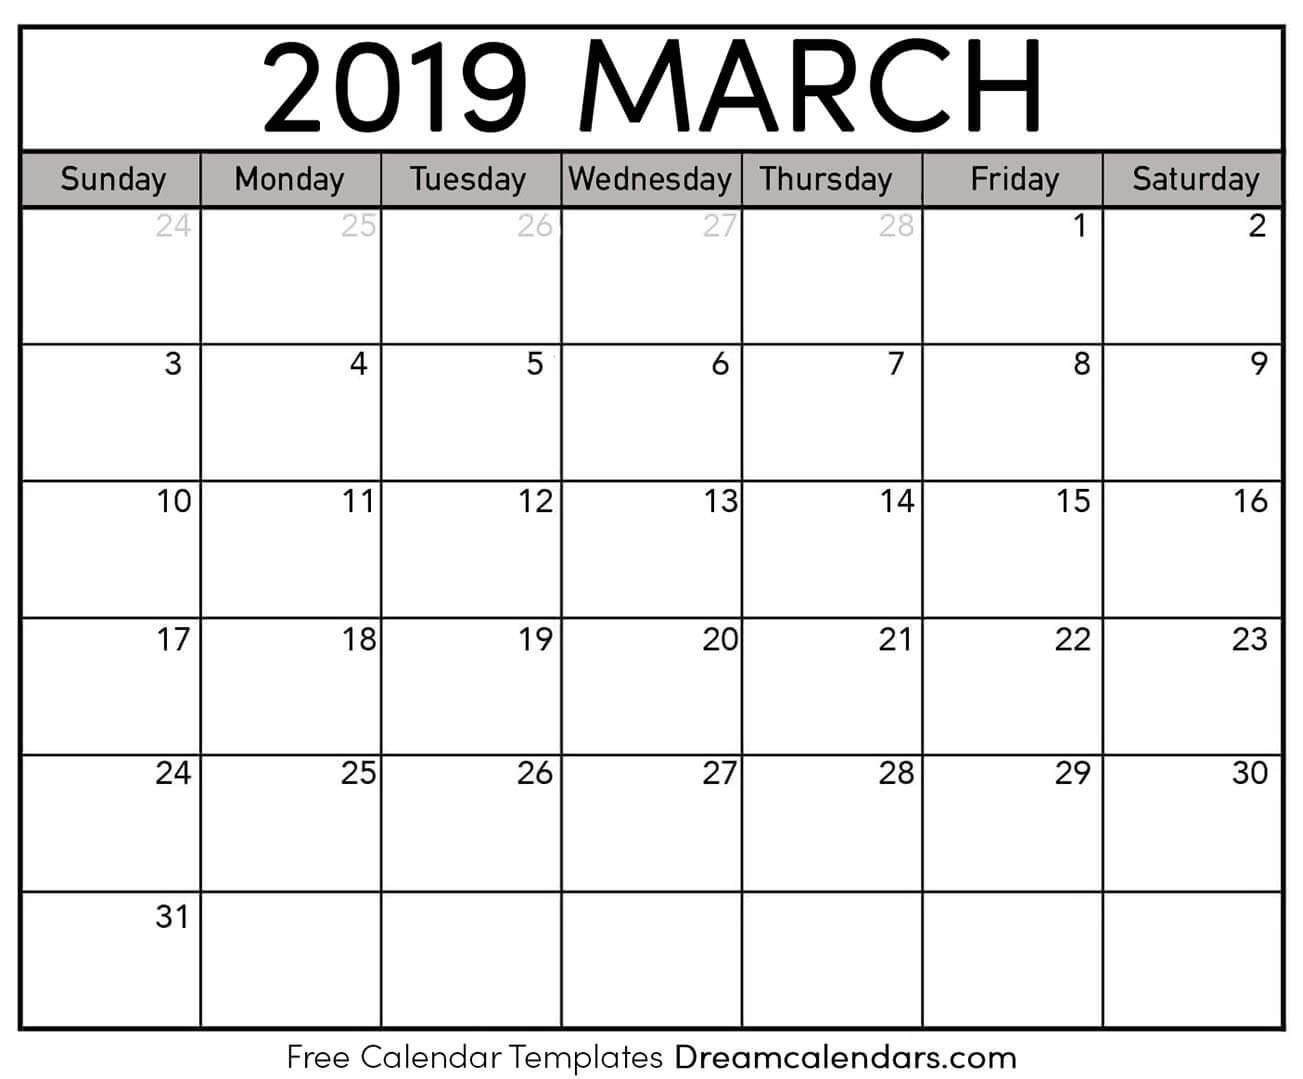 photo regarding Free Printable March Calendar named March 2019 Calendar